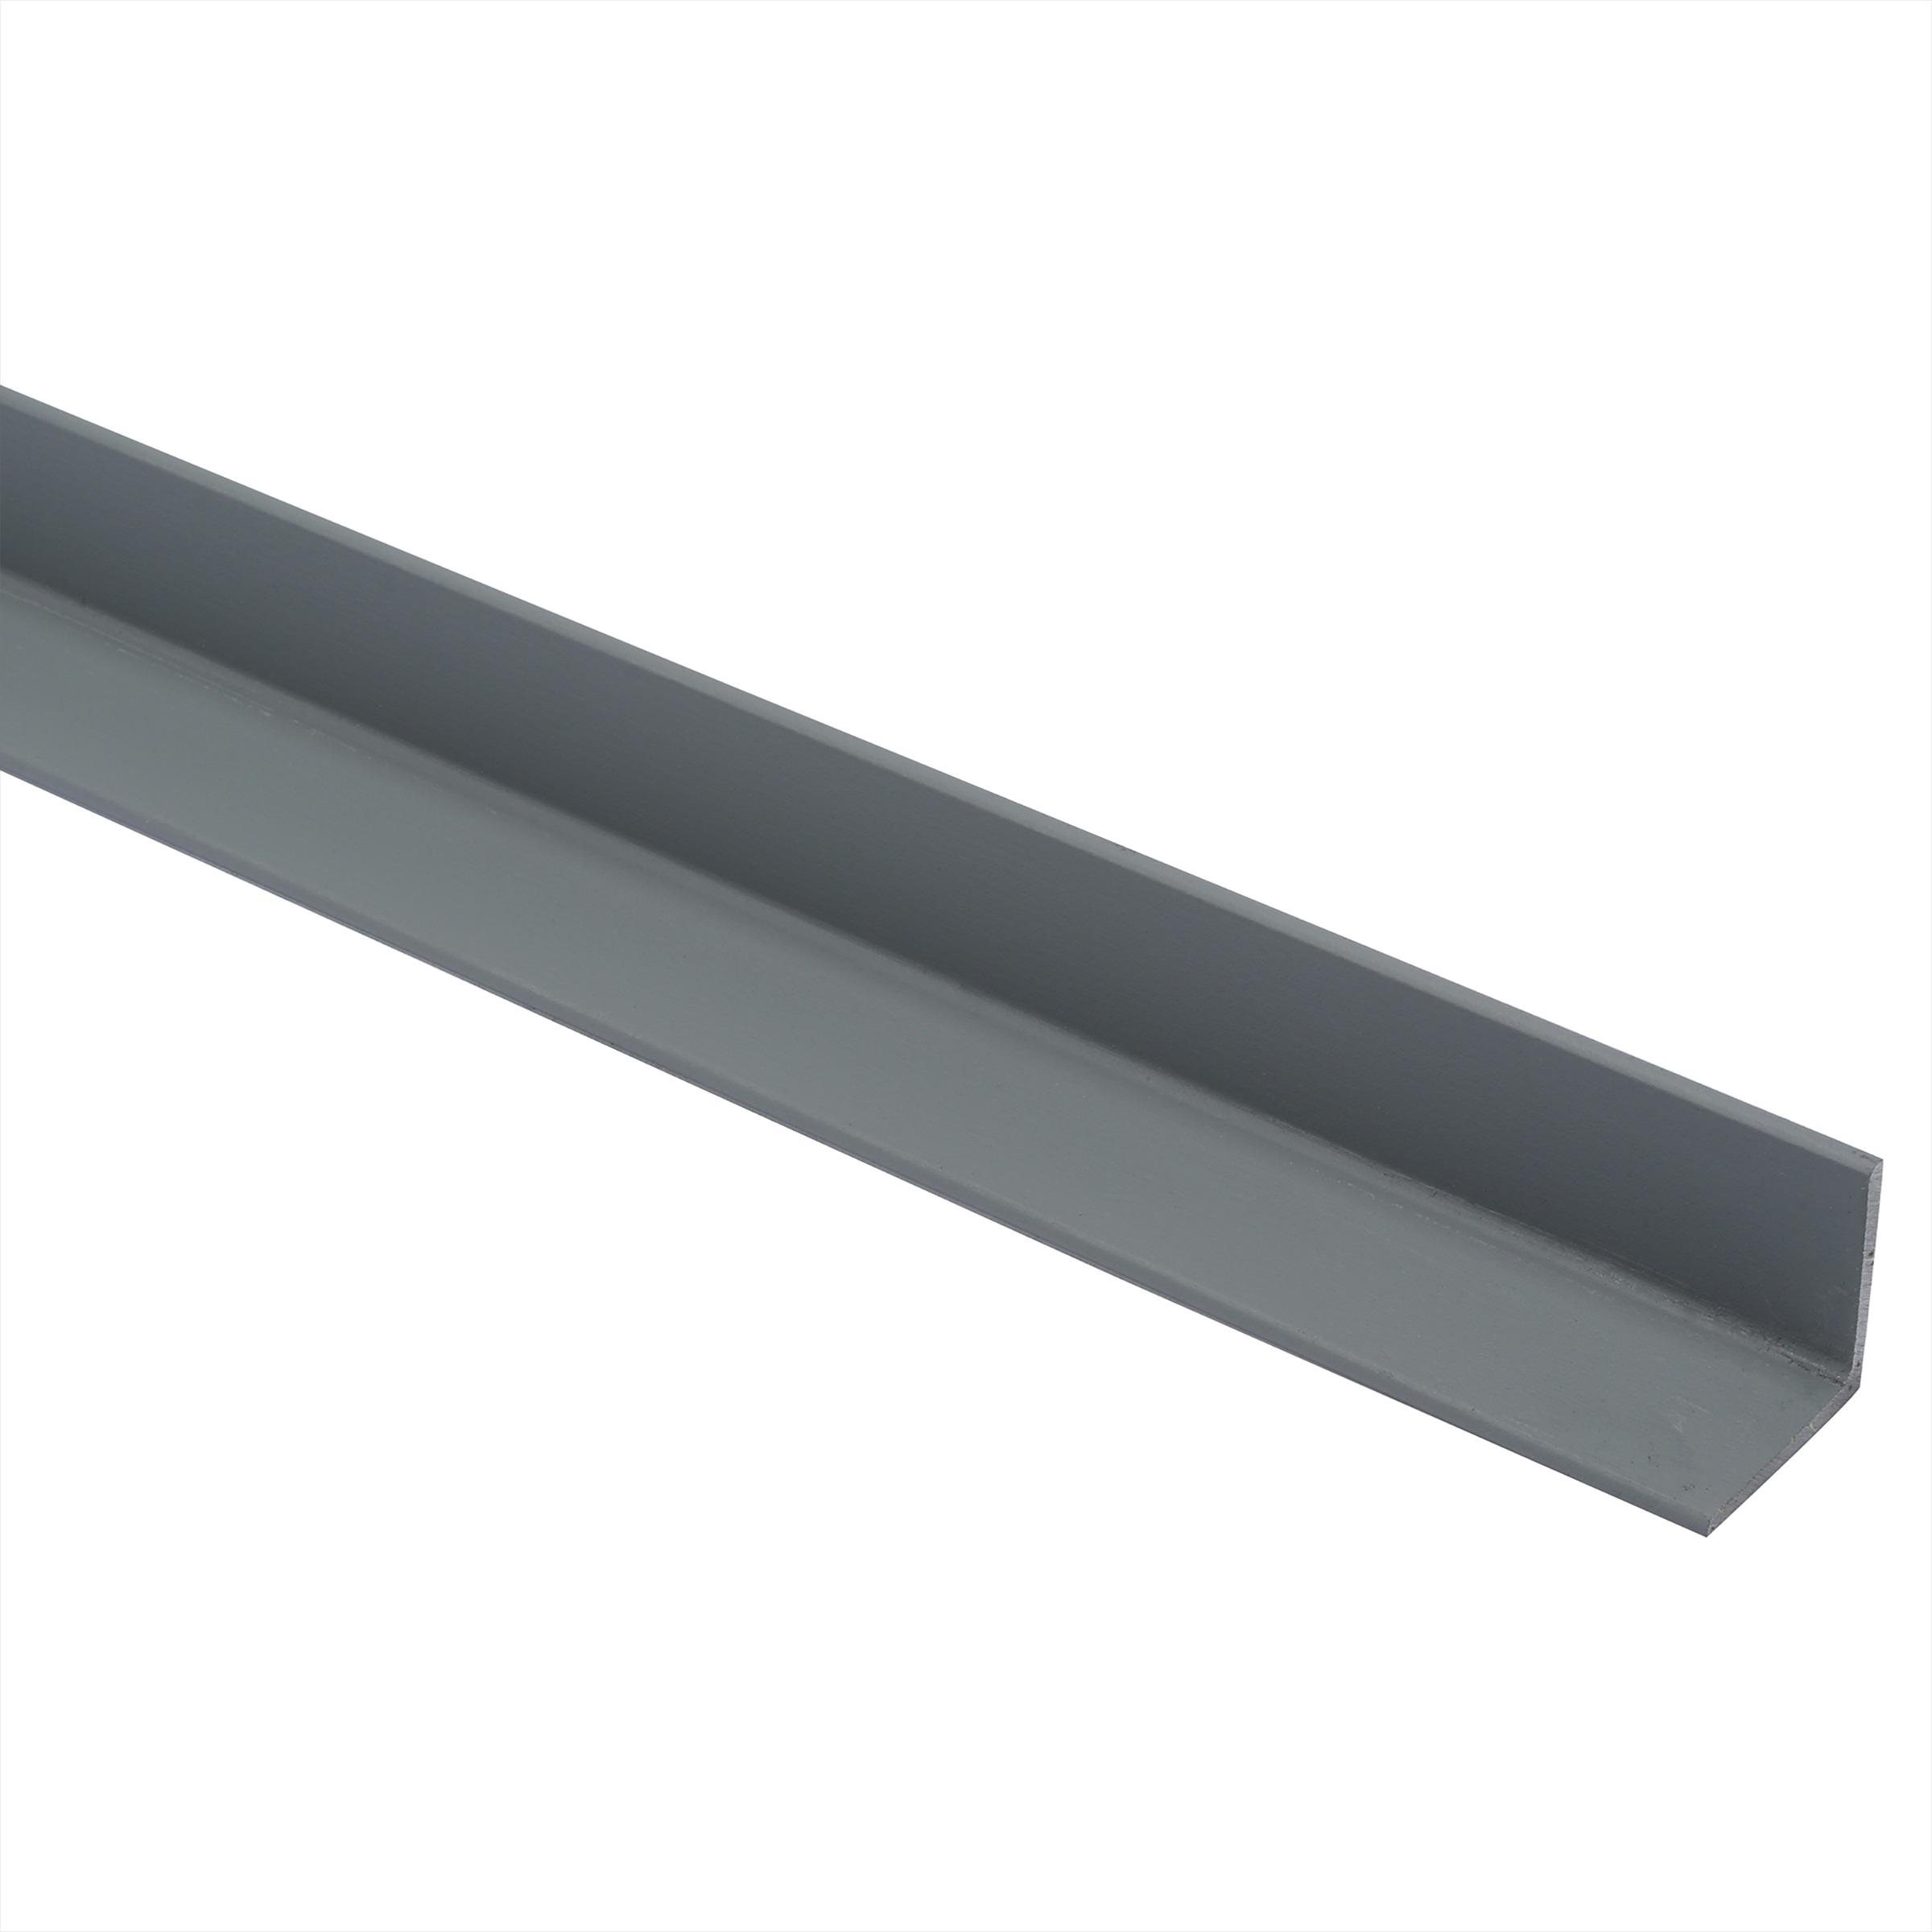 Fer d'angle 3,5 mm 3,5x3,5x100 cm